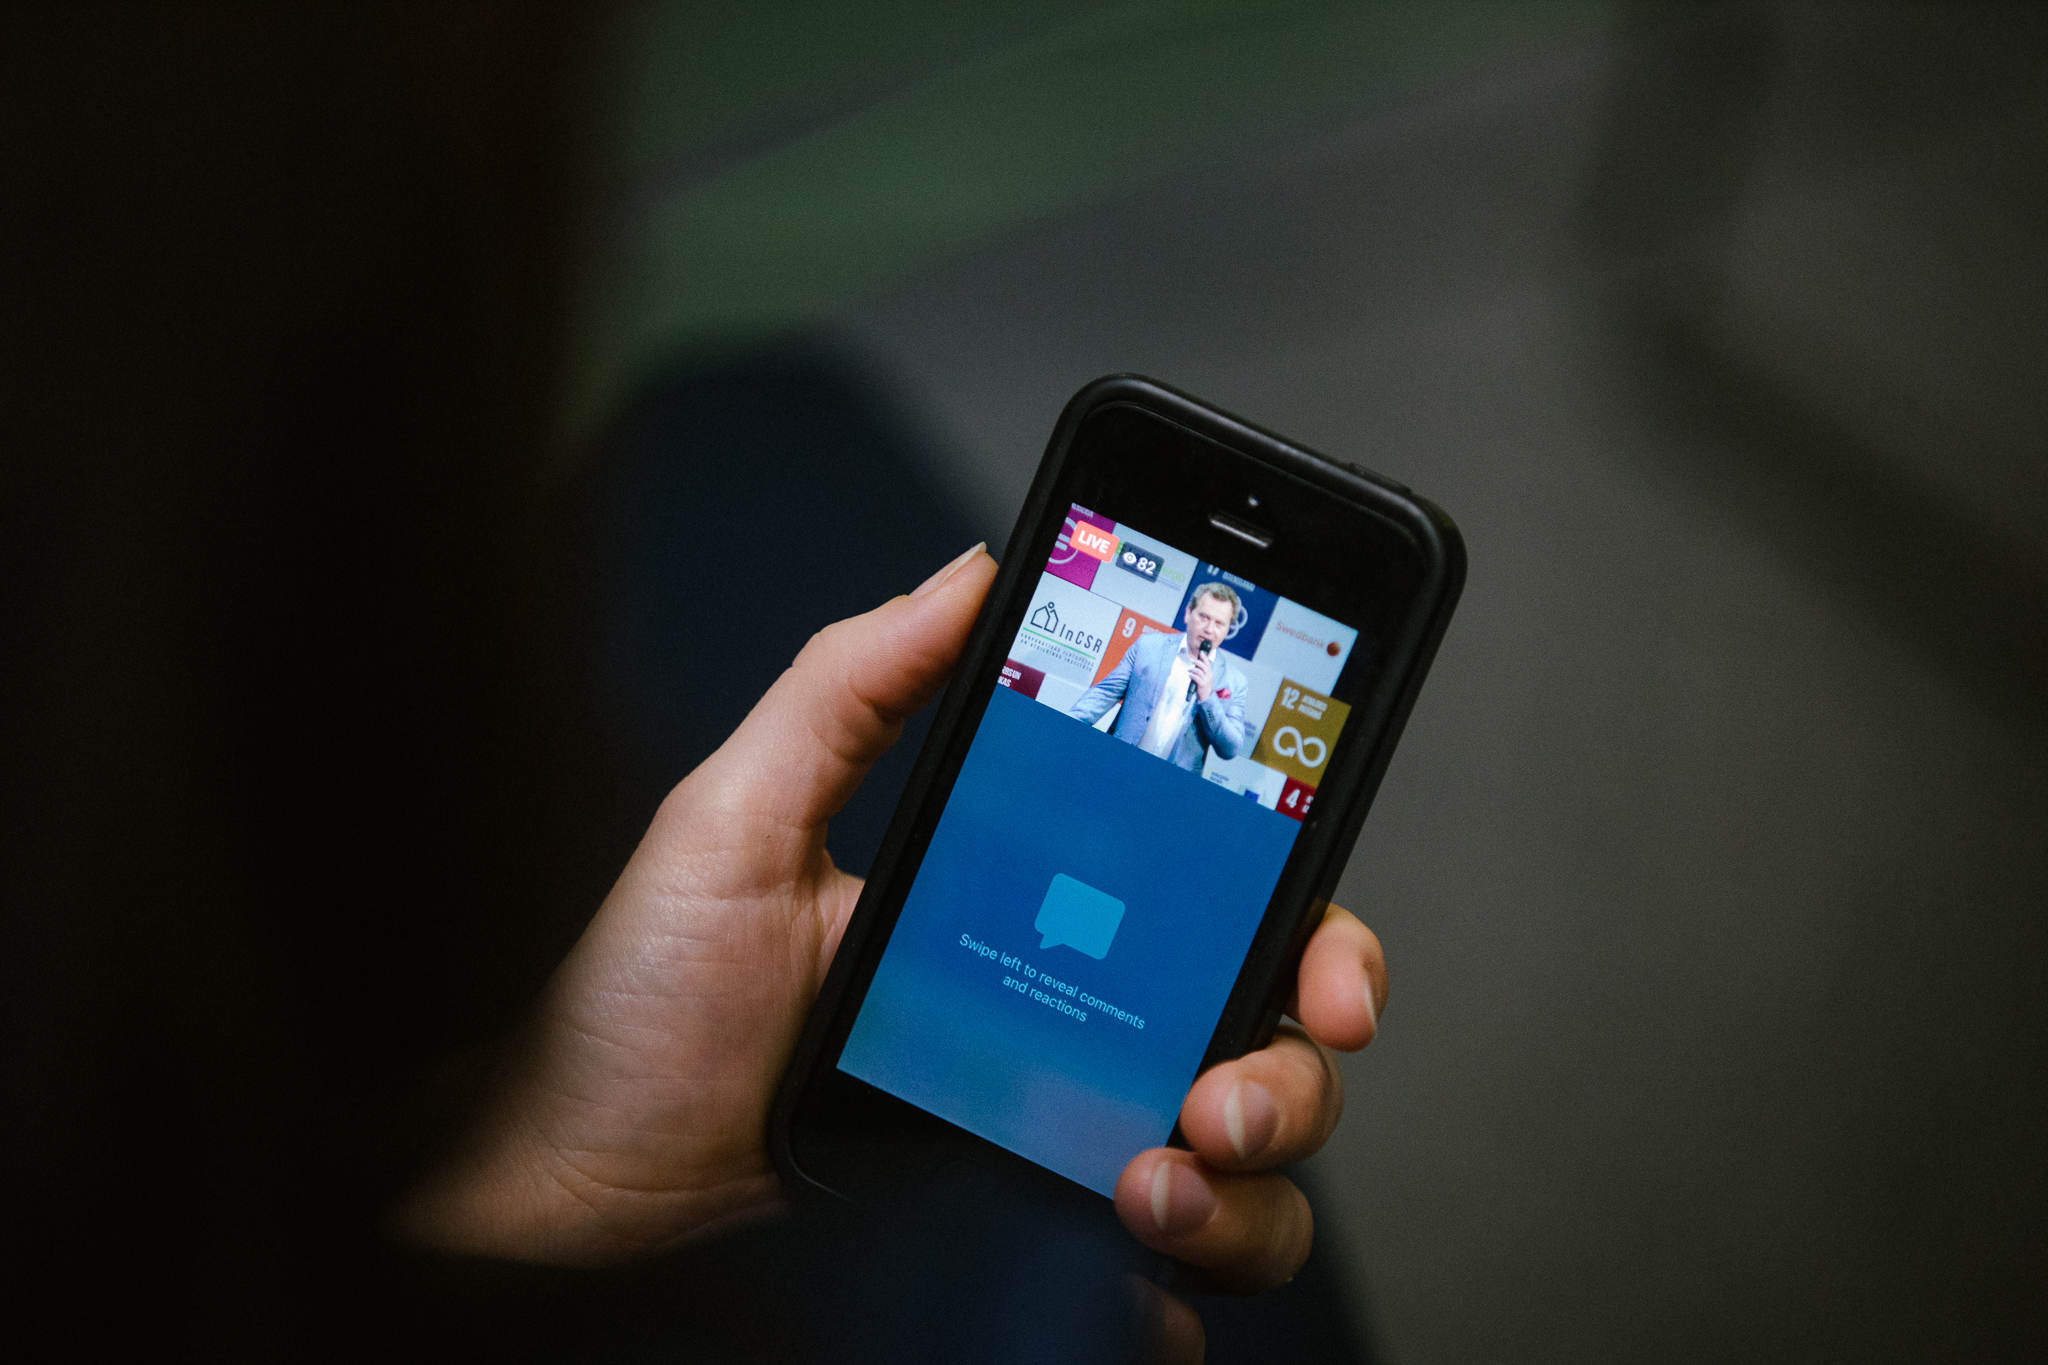 Roka, kurā ir mobilais tālrunis, kura ekrānā ir redzama Atbildīgu ideju tirgus 2020 tiešraide